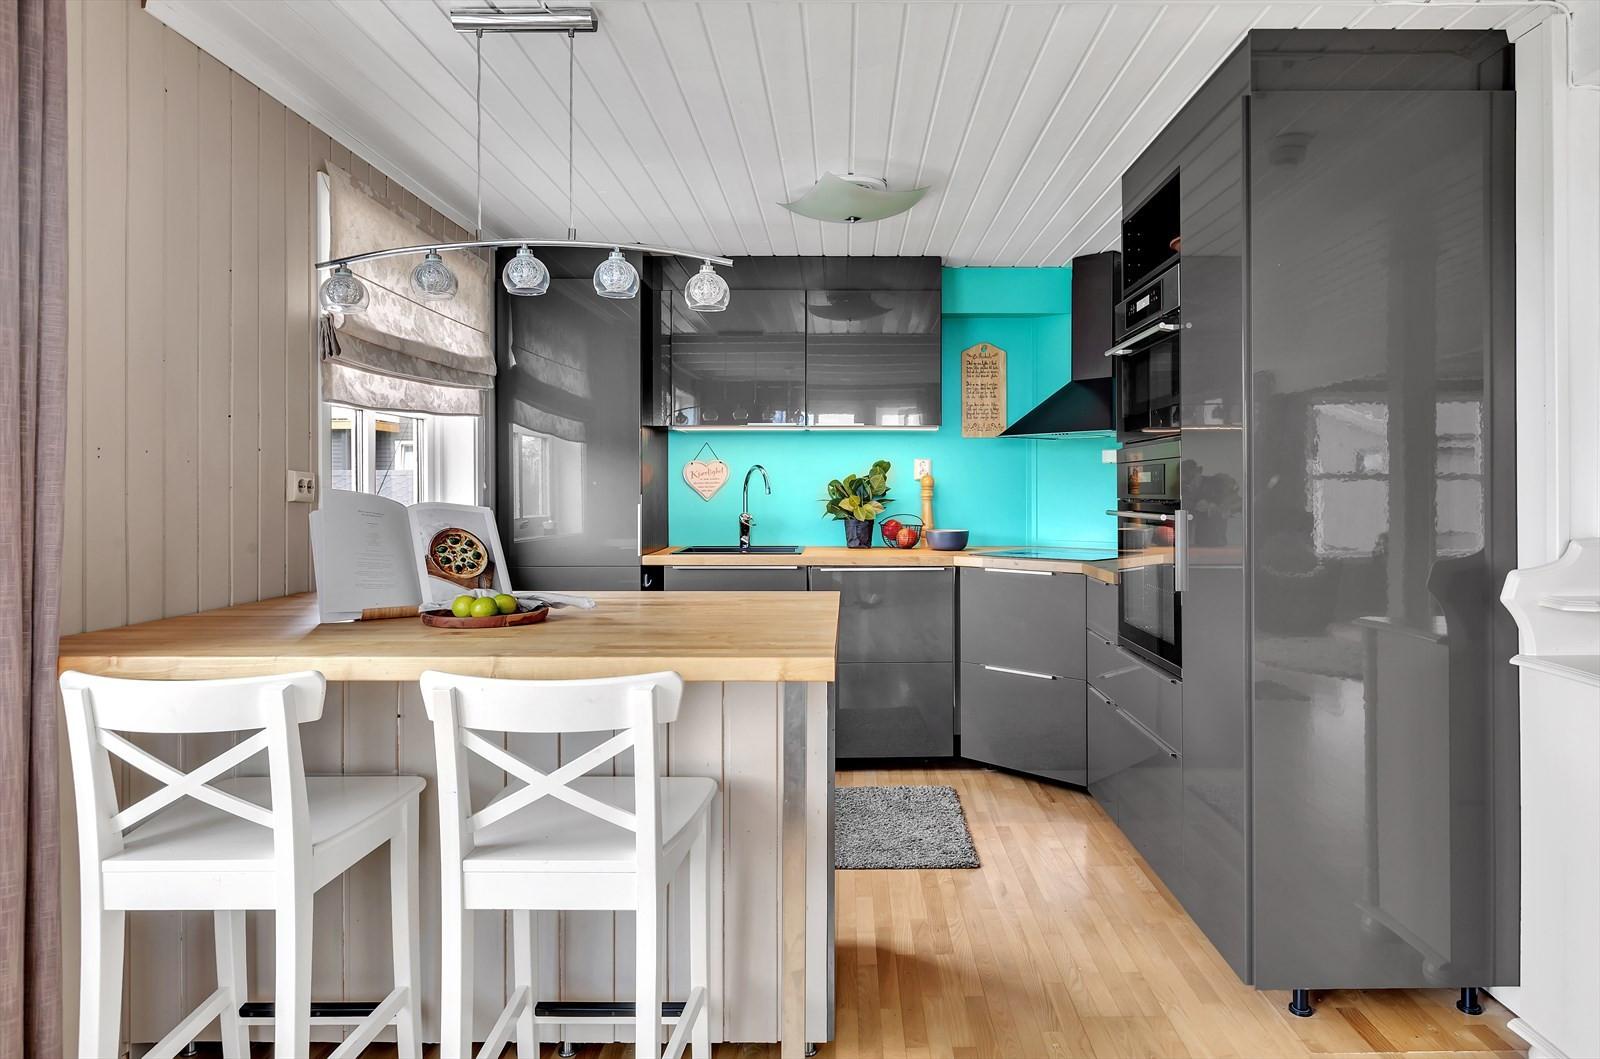 Flott kjøkken med god benke- og oppbevaringsplass